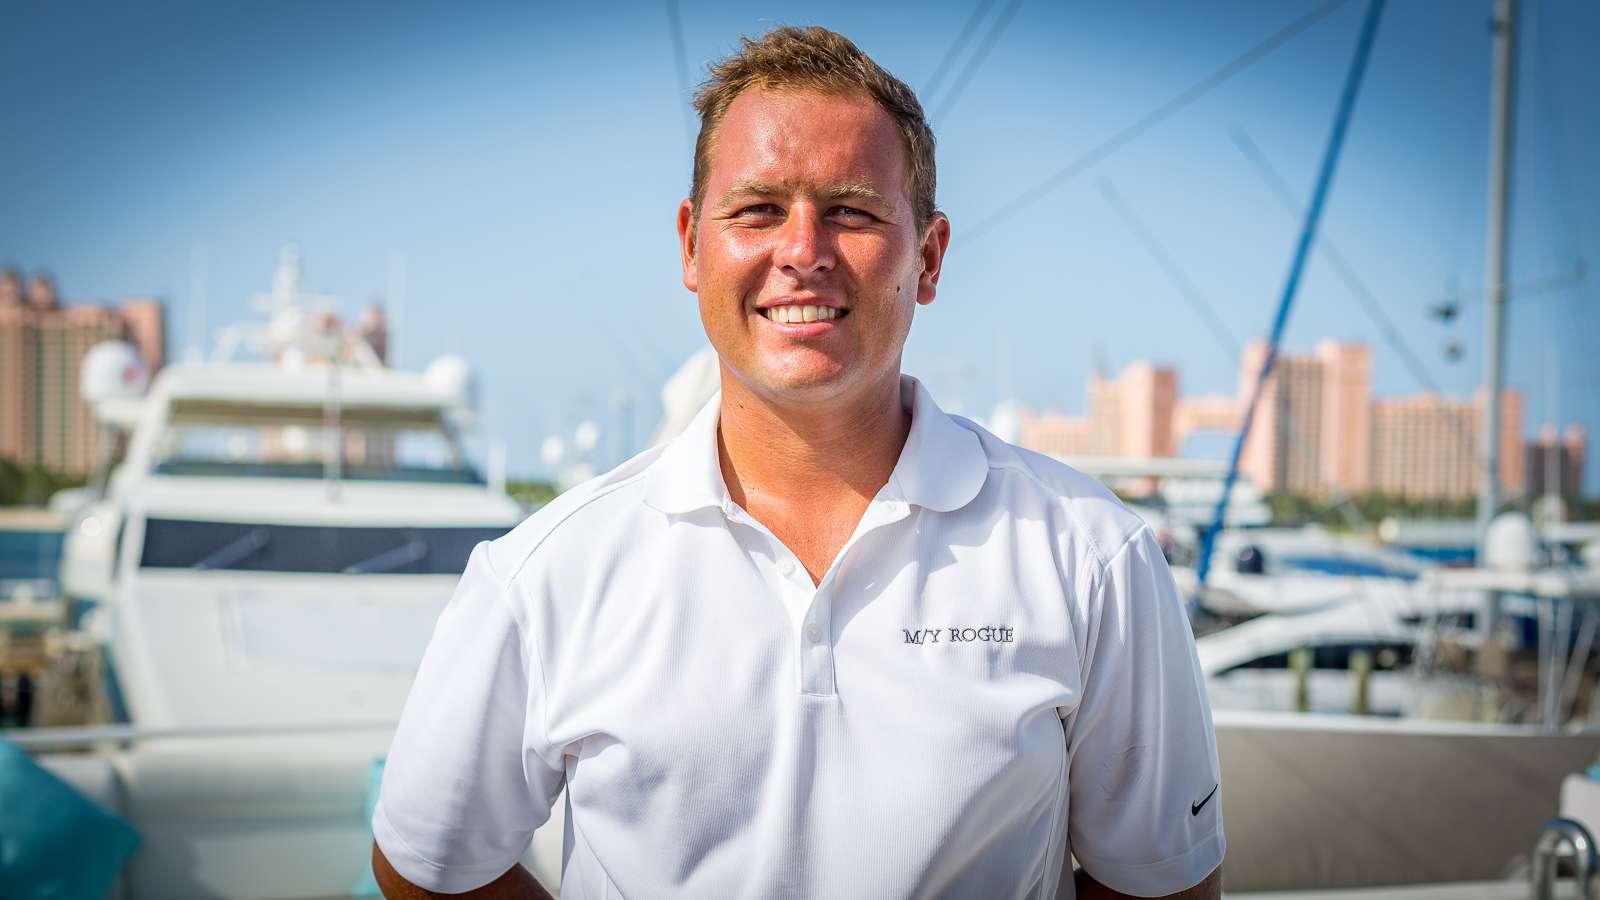 Craig Kruger